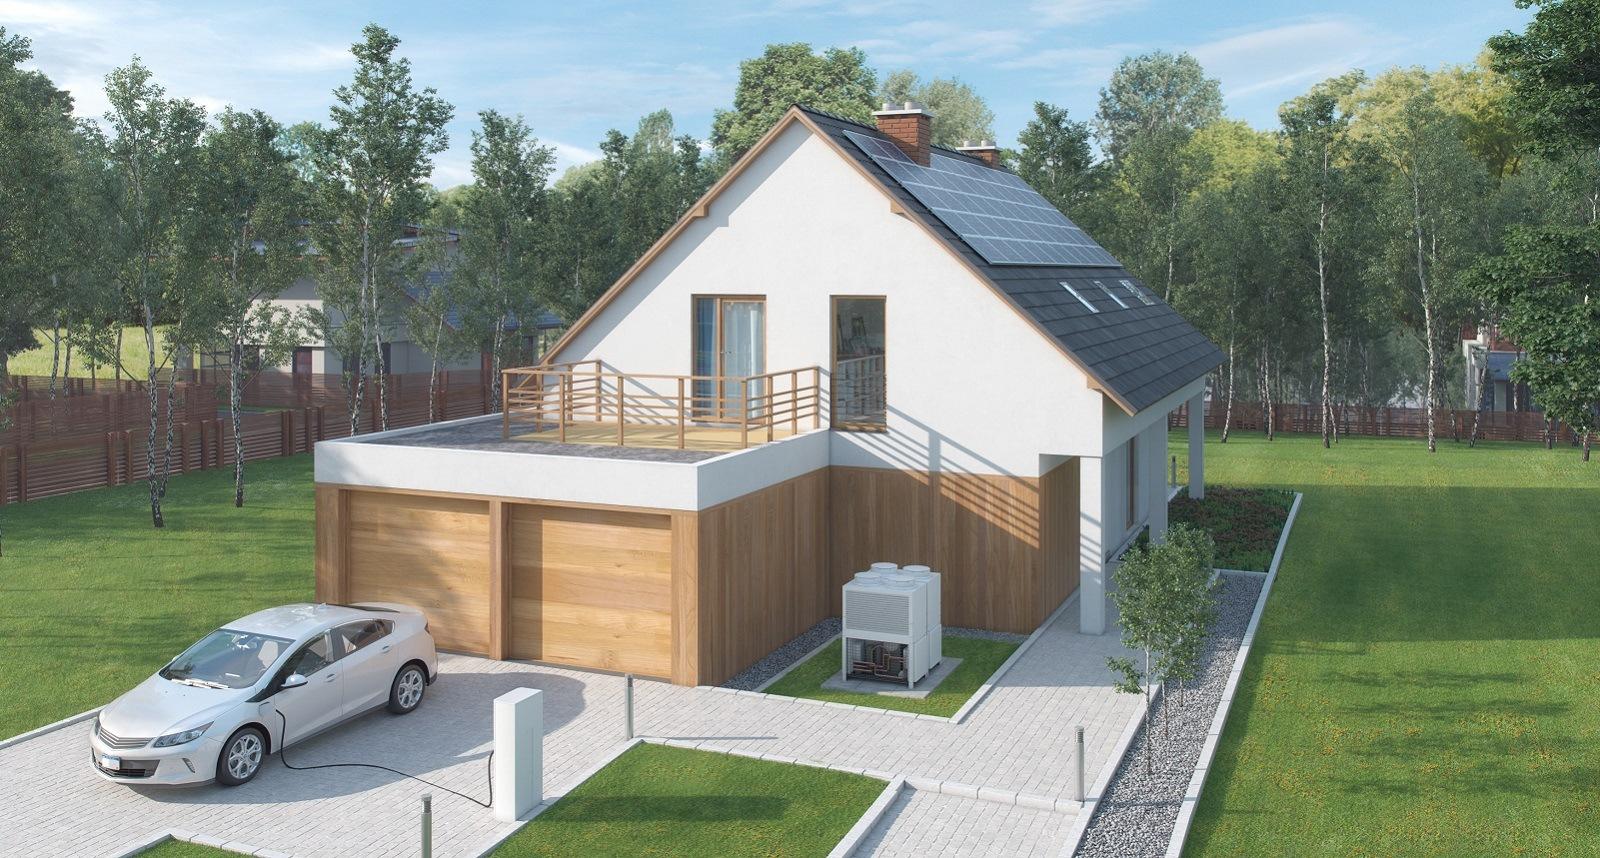 Comment Créer Un Garage Toit Plat Beton ? - Agrandir Ma Maison pour Comment Faire Un Toit Plat En Bois